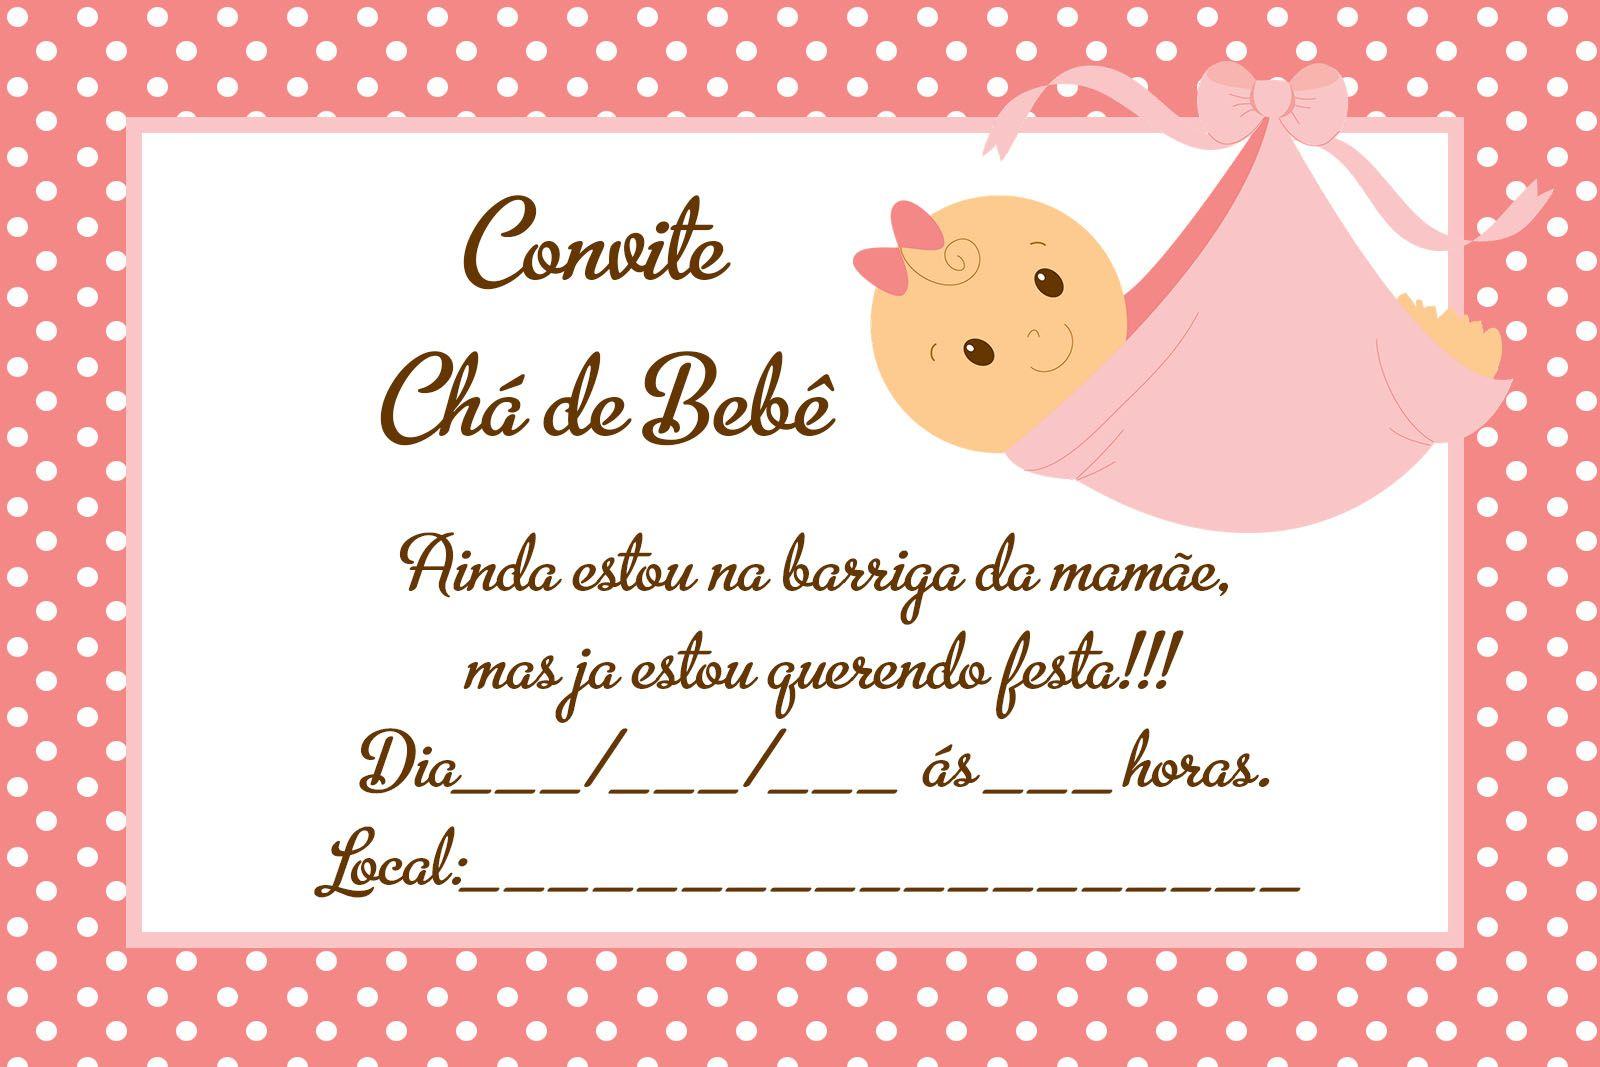 convite de chá de bebê rosa e marrom